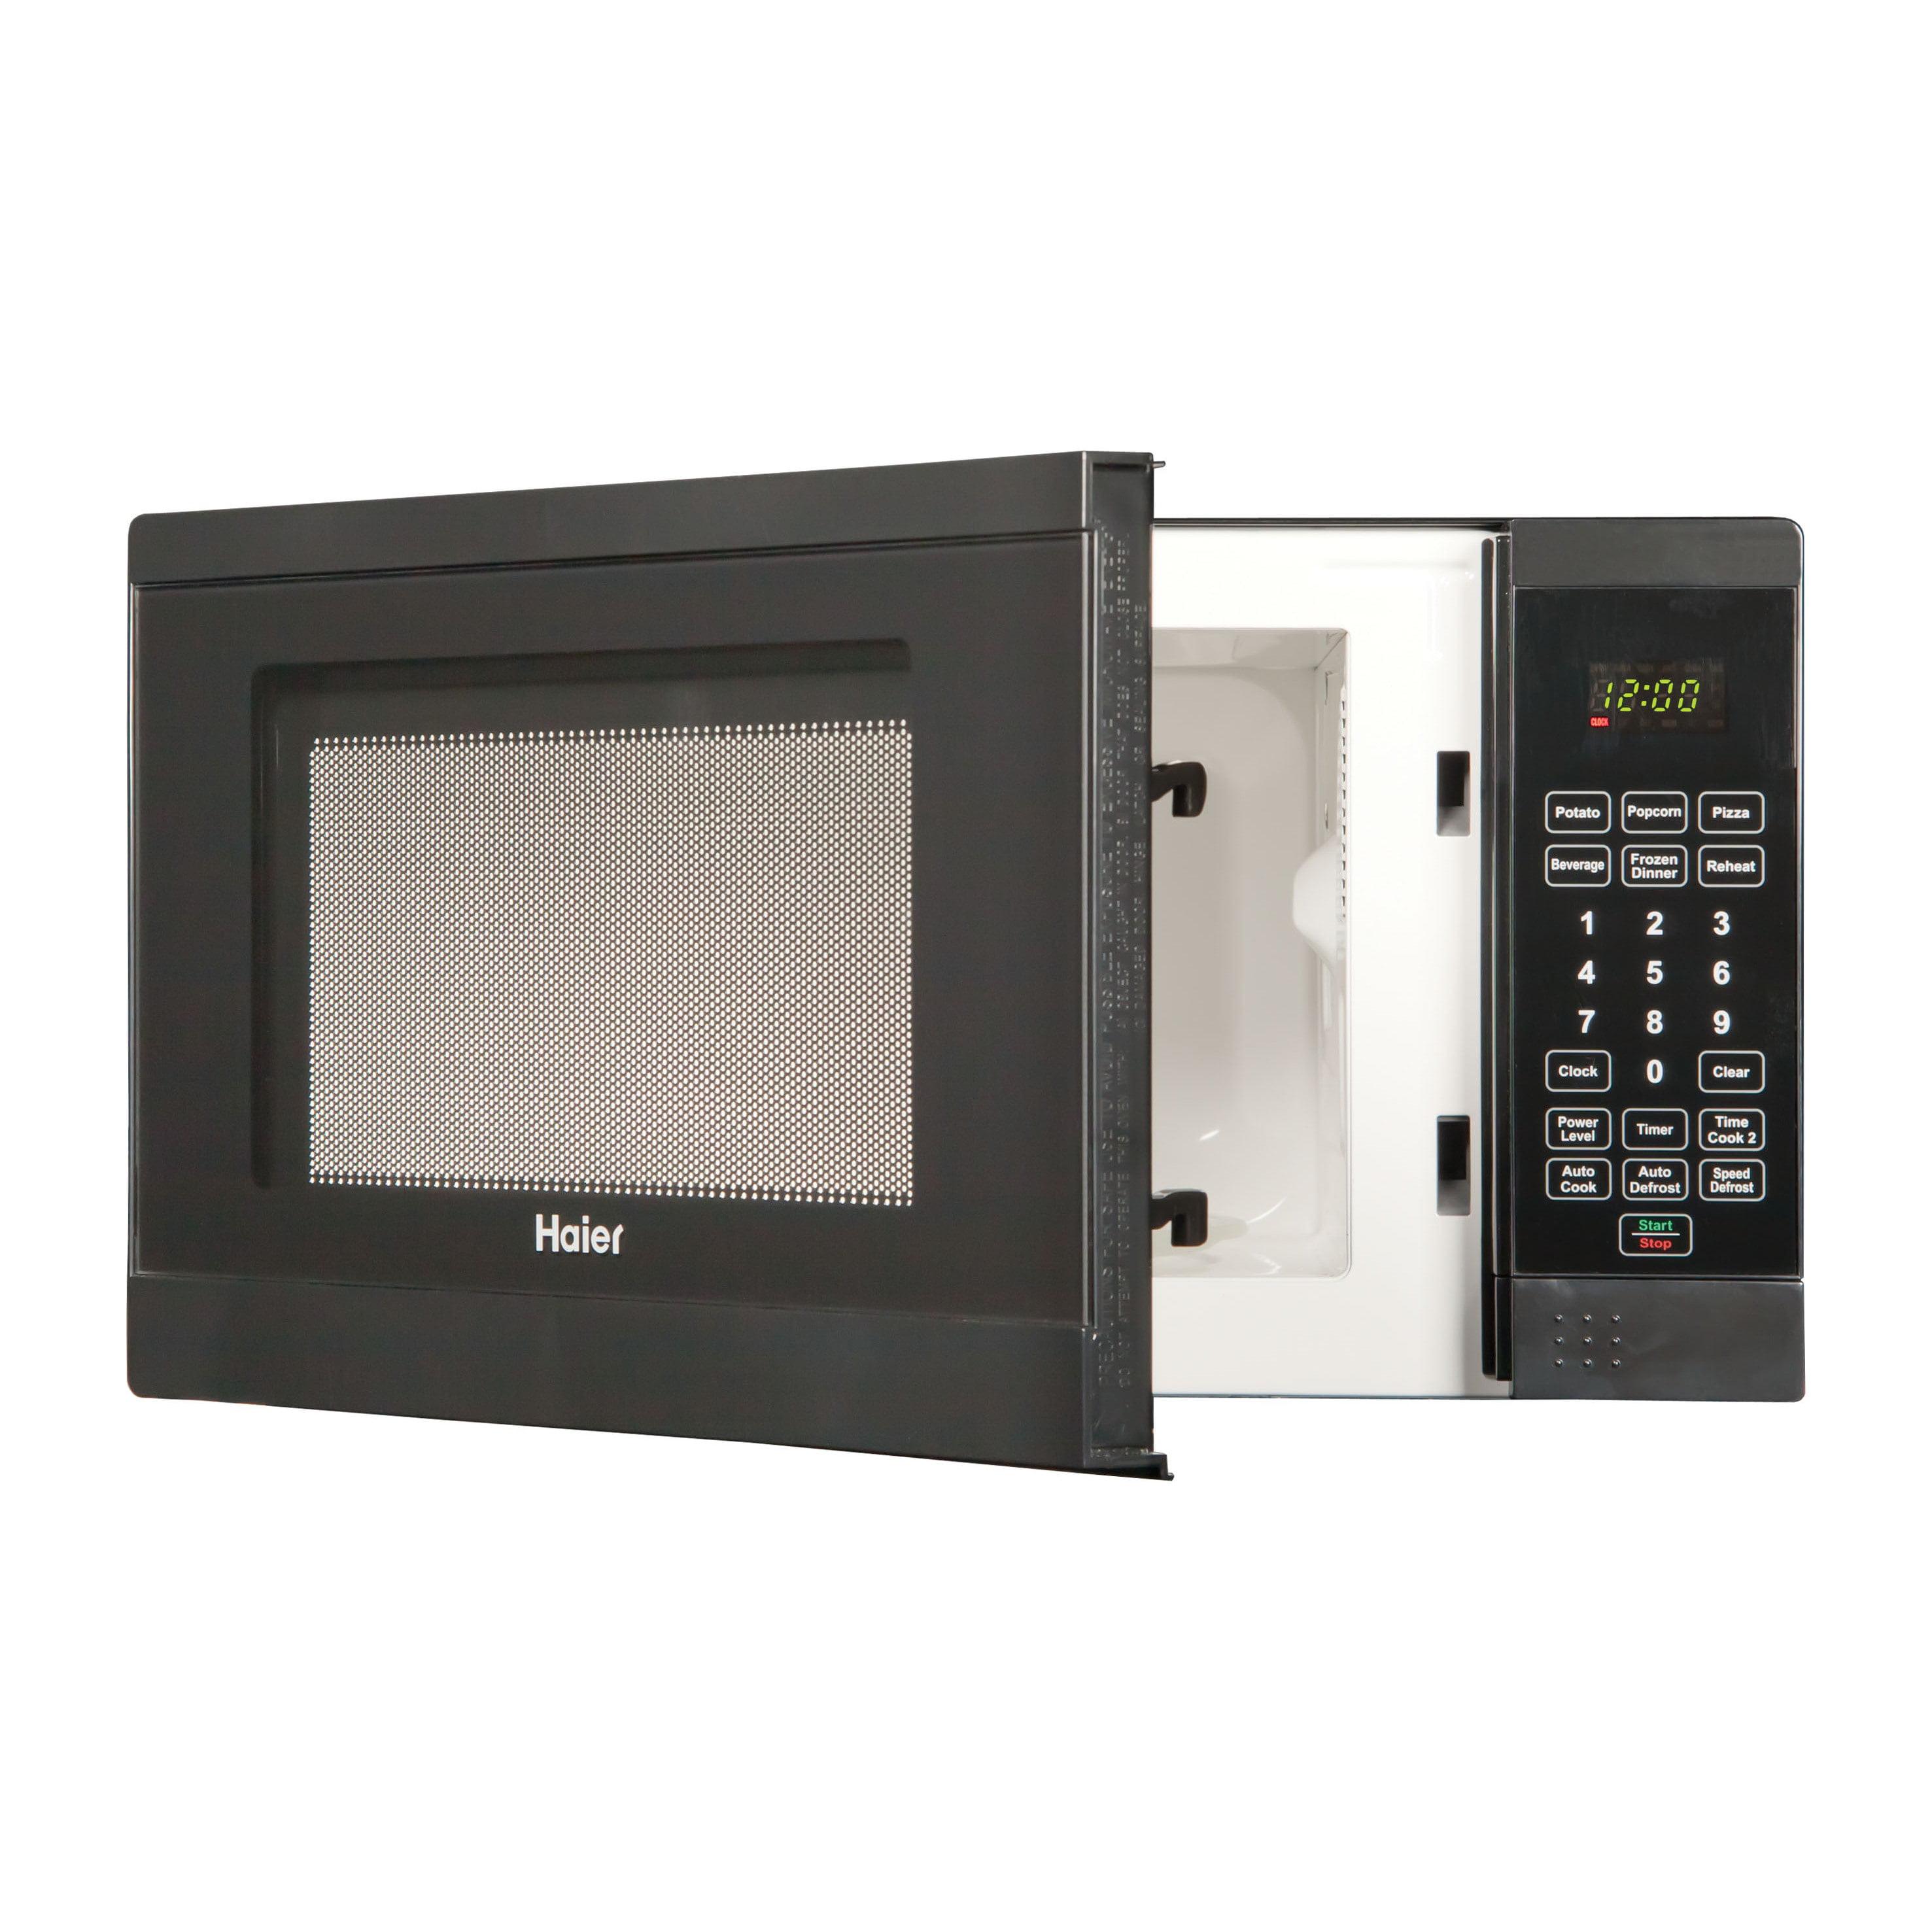 Haier Microwave Bestmicrowave